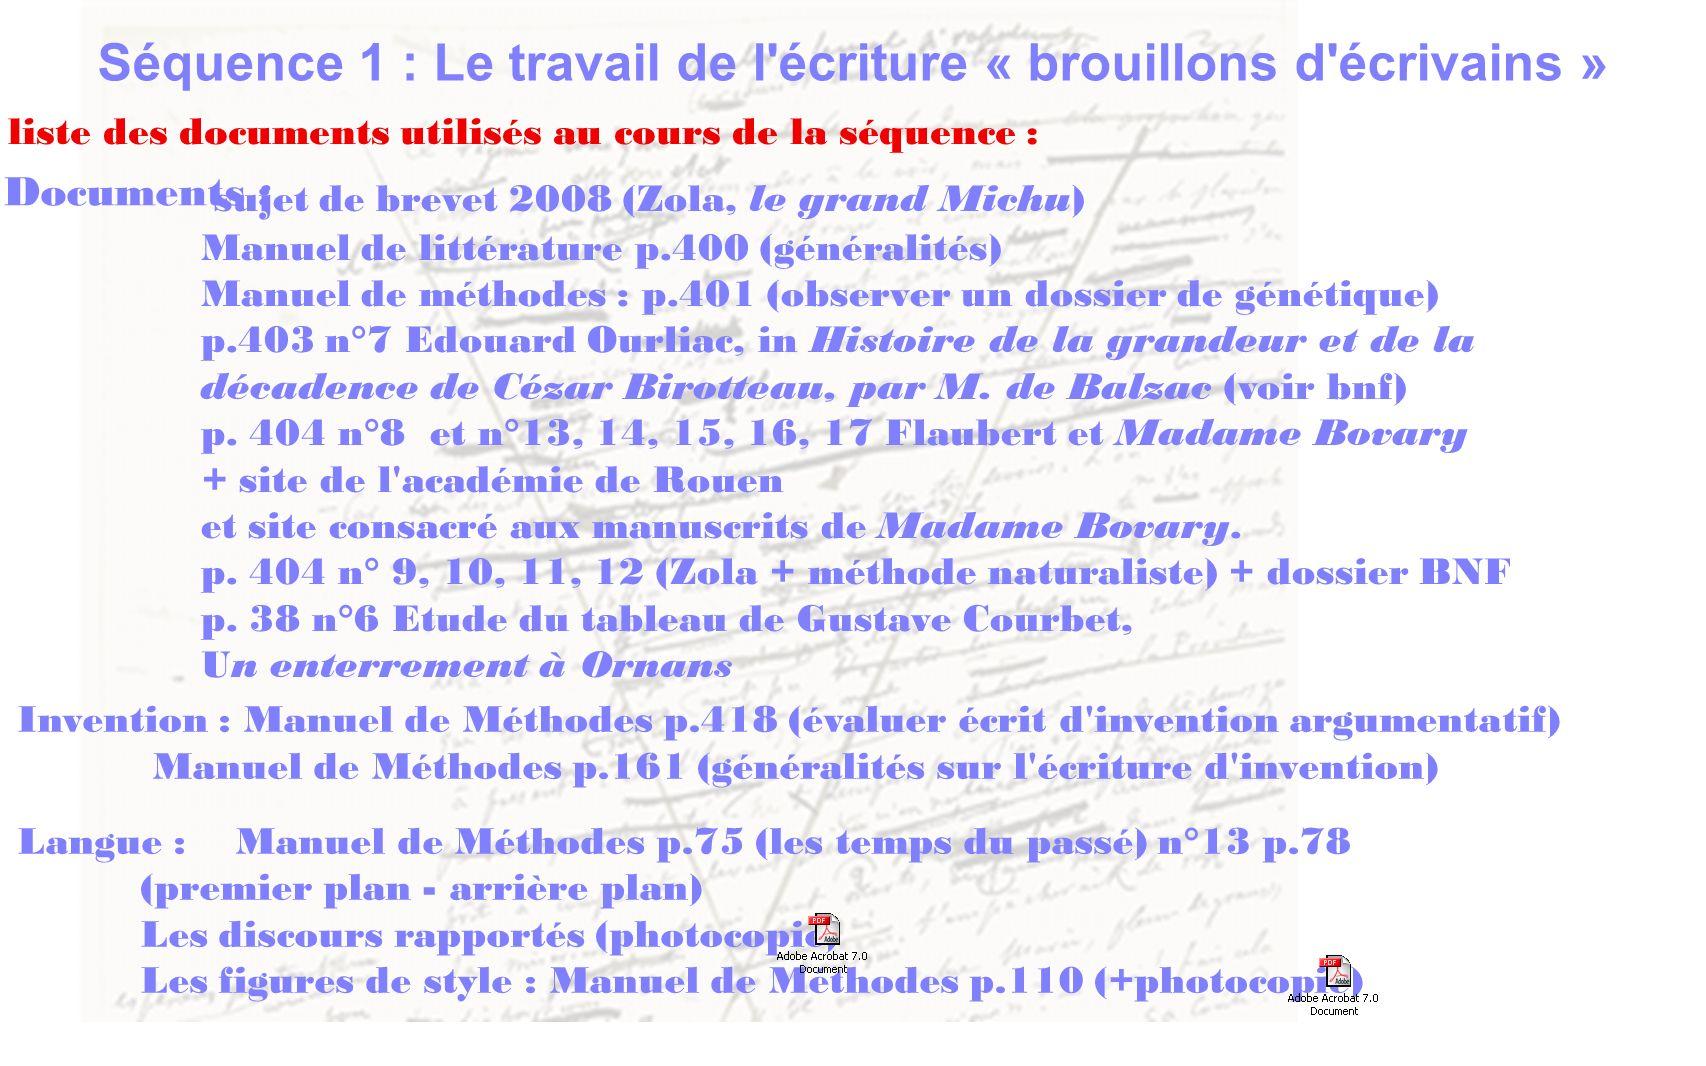 Invention : Manuel de Méthodes p.418 (évaluer écrit d'invention argumentatif) Manuel de Méthodes p.161 (généralités sur l'écriture d'invention) Langue